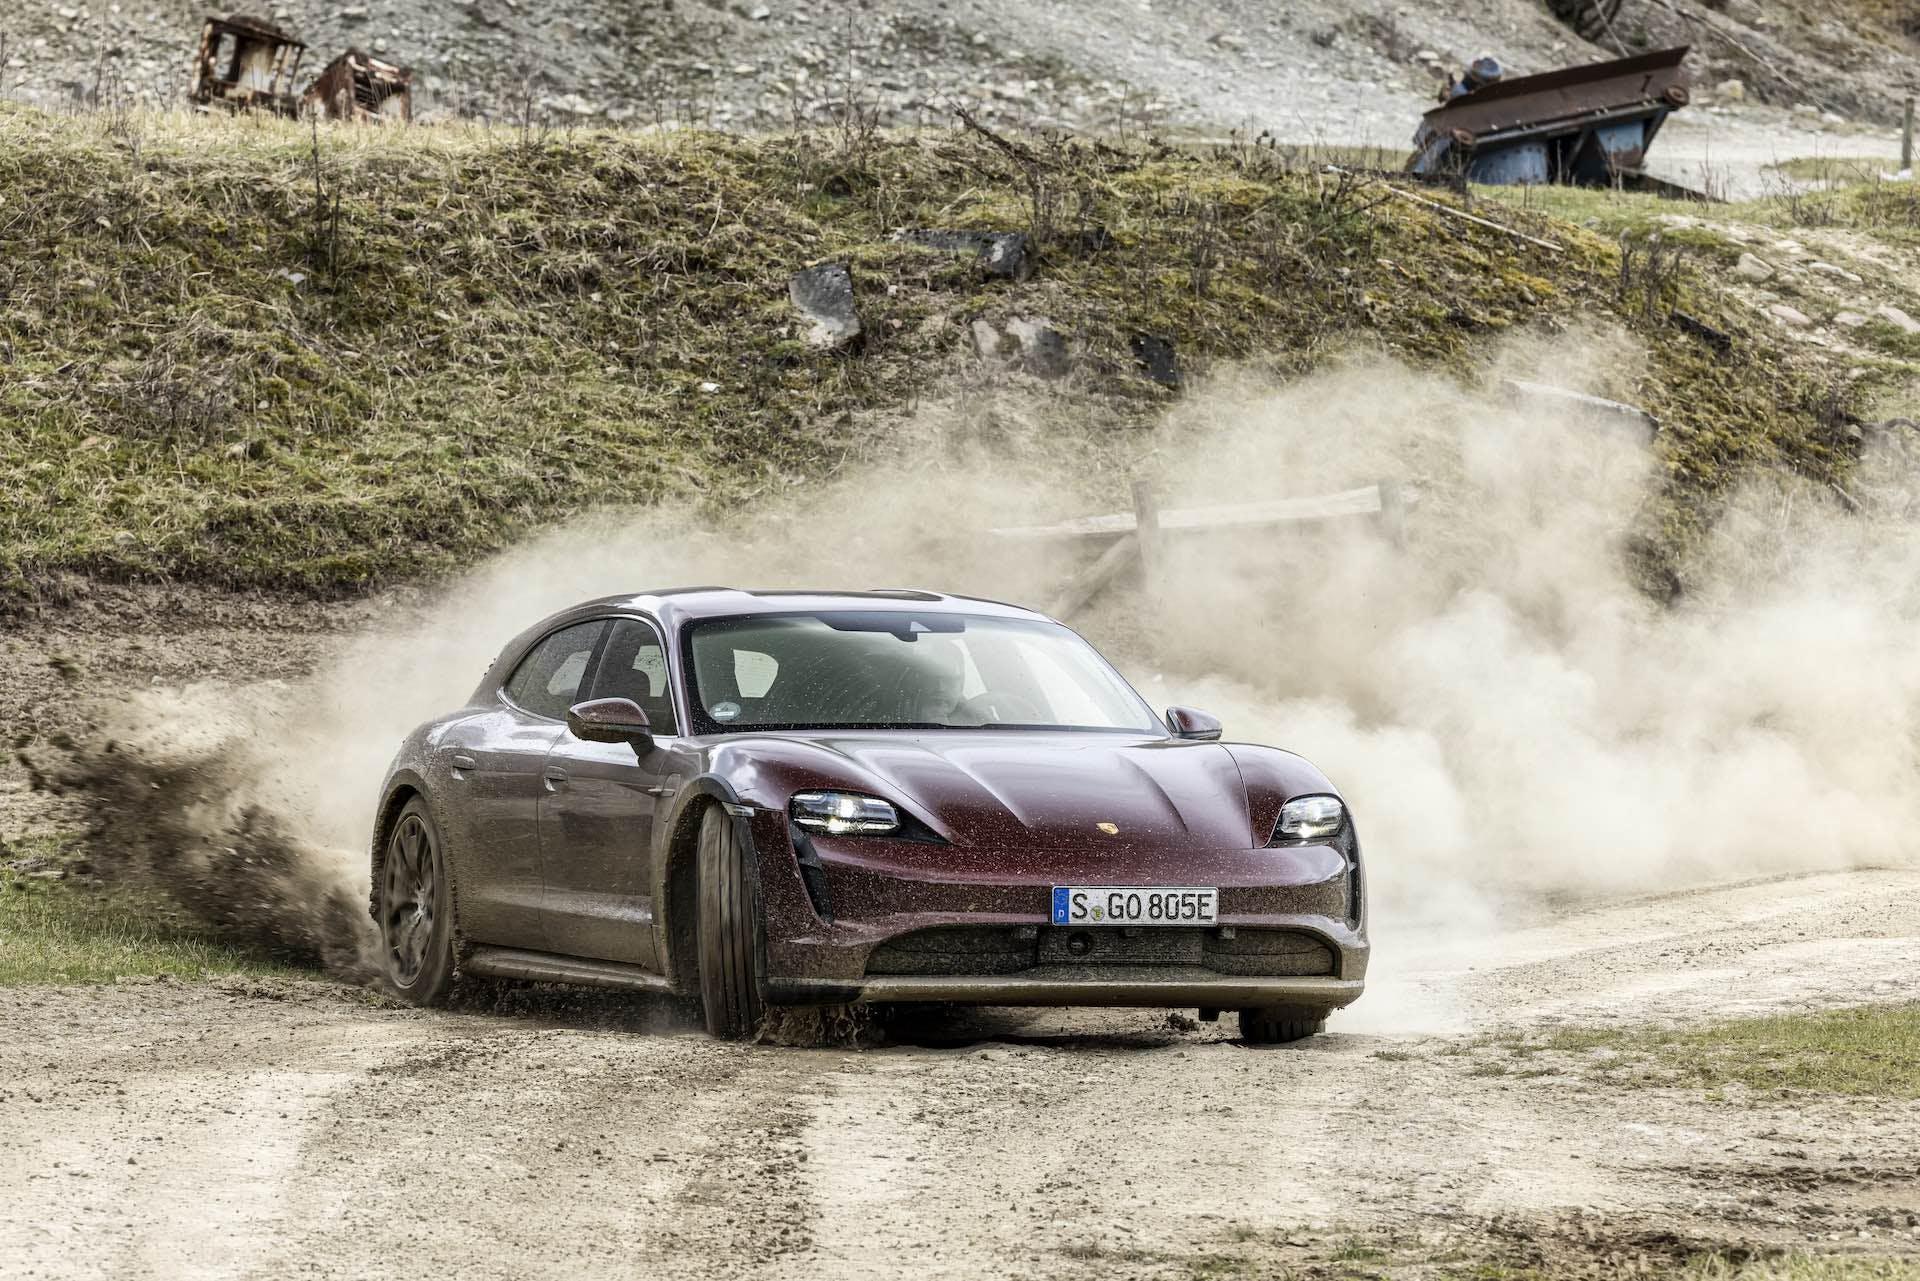 Porsche Taycan 4 Cross Turismo in derapata su strada sterrata